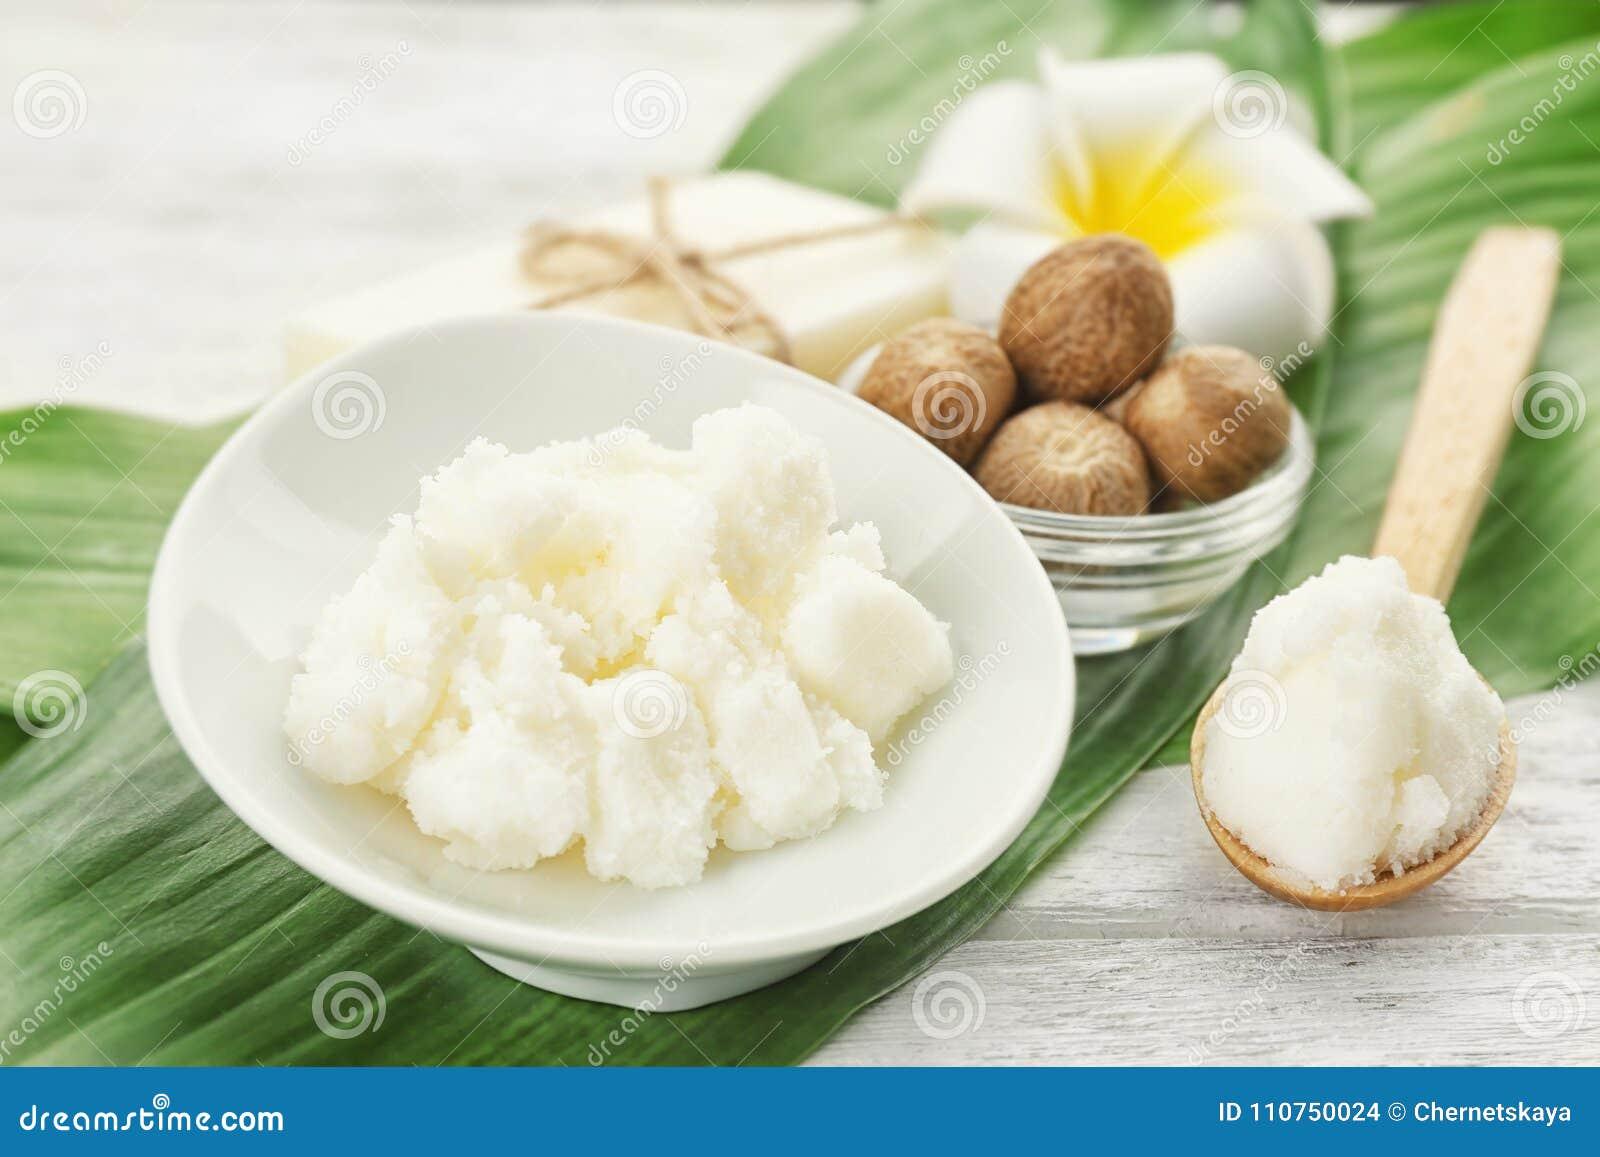 Όμορφη σύνθεση με shea το βούτυρο, το σαπούνι και τα καρύδια